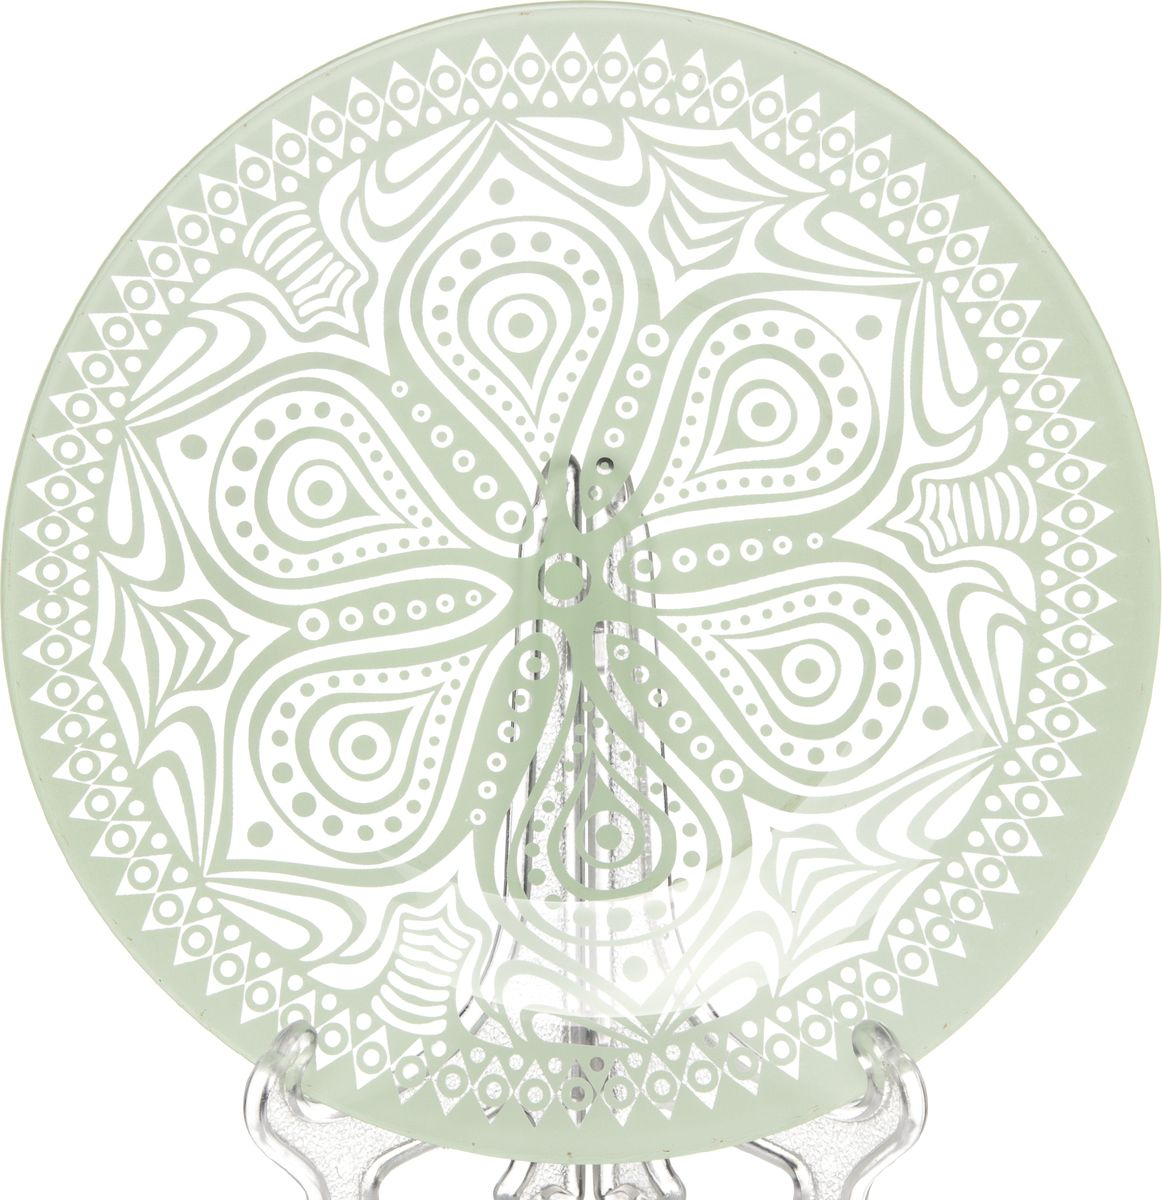 Тарелка Pasabahce БОХО, цвет: зеленый, 19,5 см. 31751/A10327SLBD45Тарелка из упрочненного стекла с зеленым узором d=195 мм